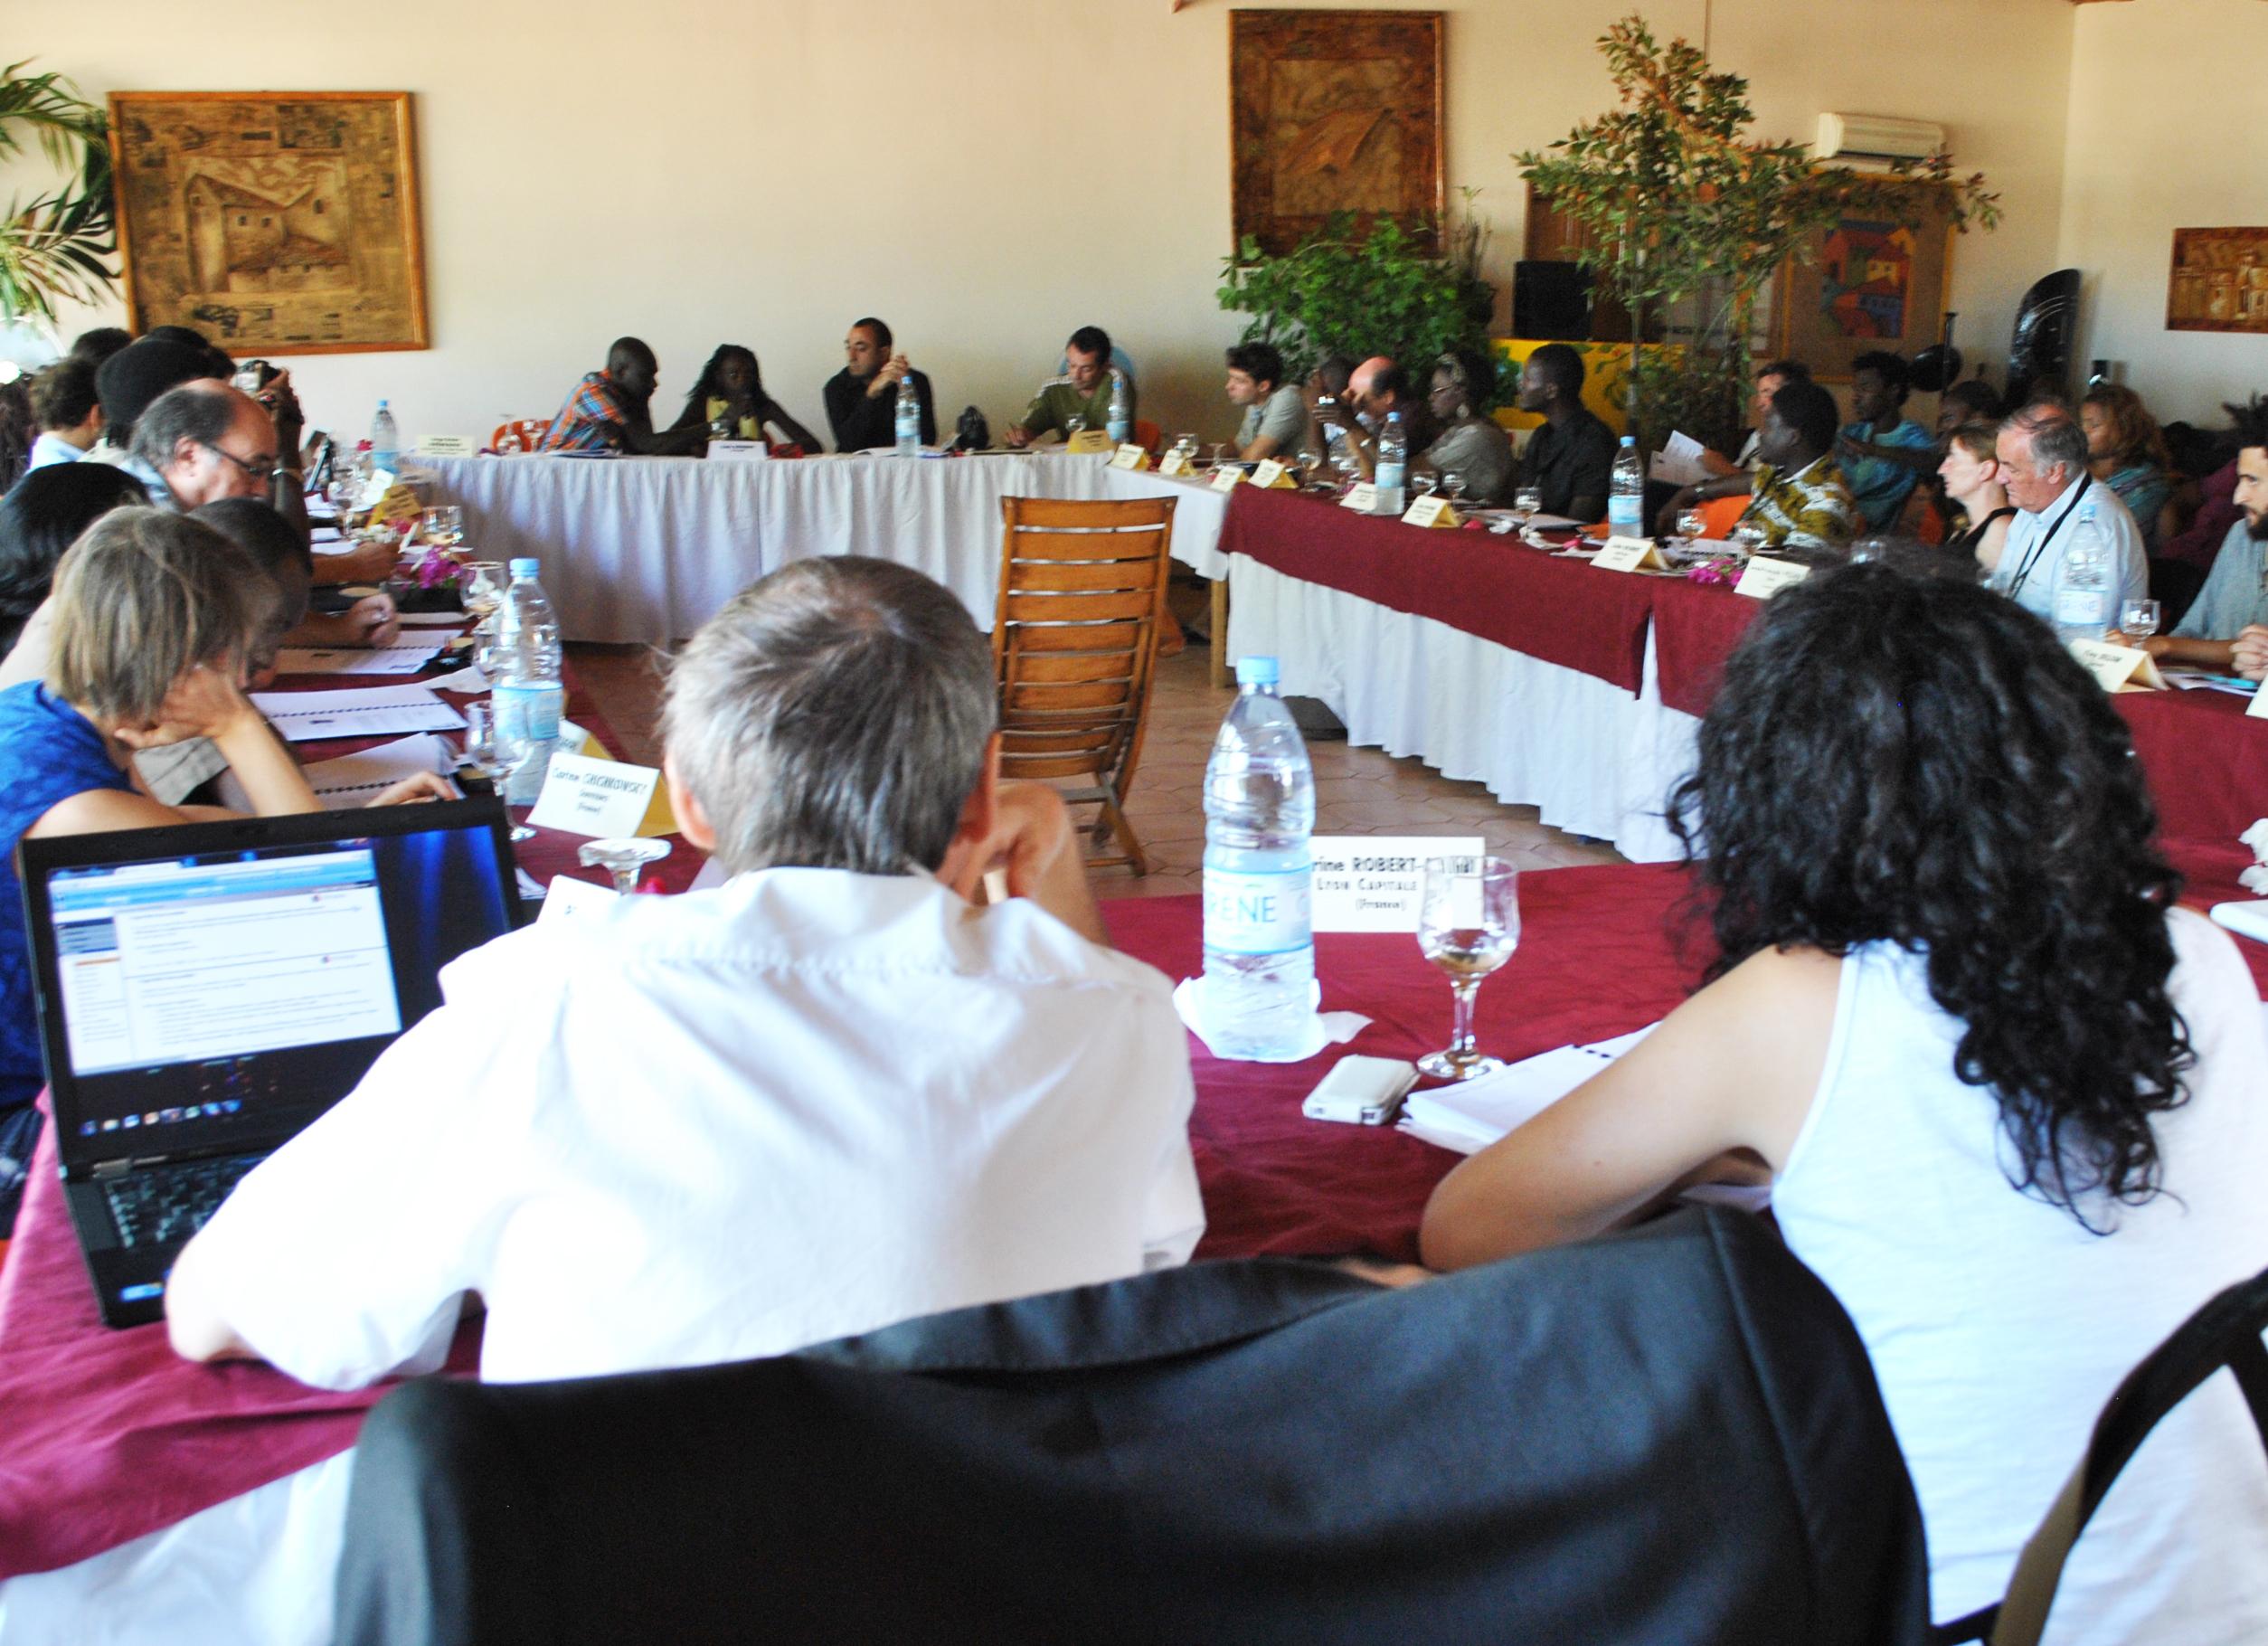 Réunion avec l'association des maires : L'ADL présente son offre de service aux élus